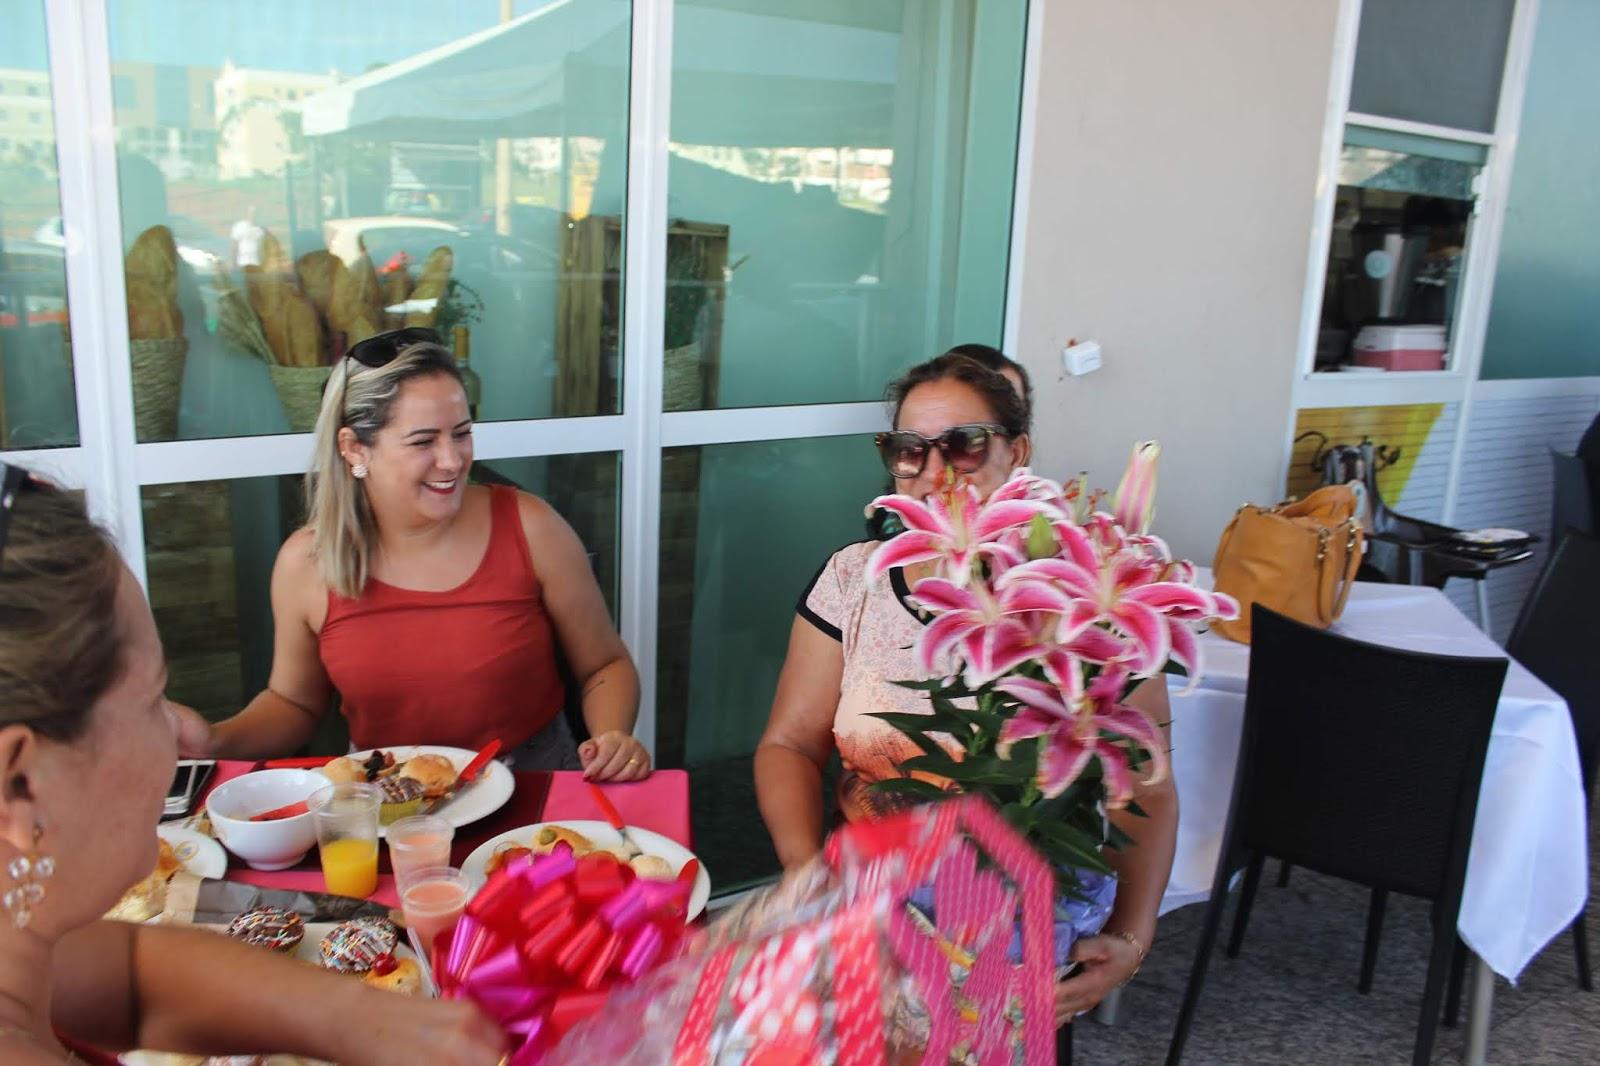 IMG 3664 - Dia 12 de maio dia das Mães no Jardins Mangueiral foi com muta diverção e alegria com um lindo café da manha